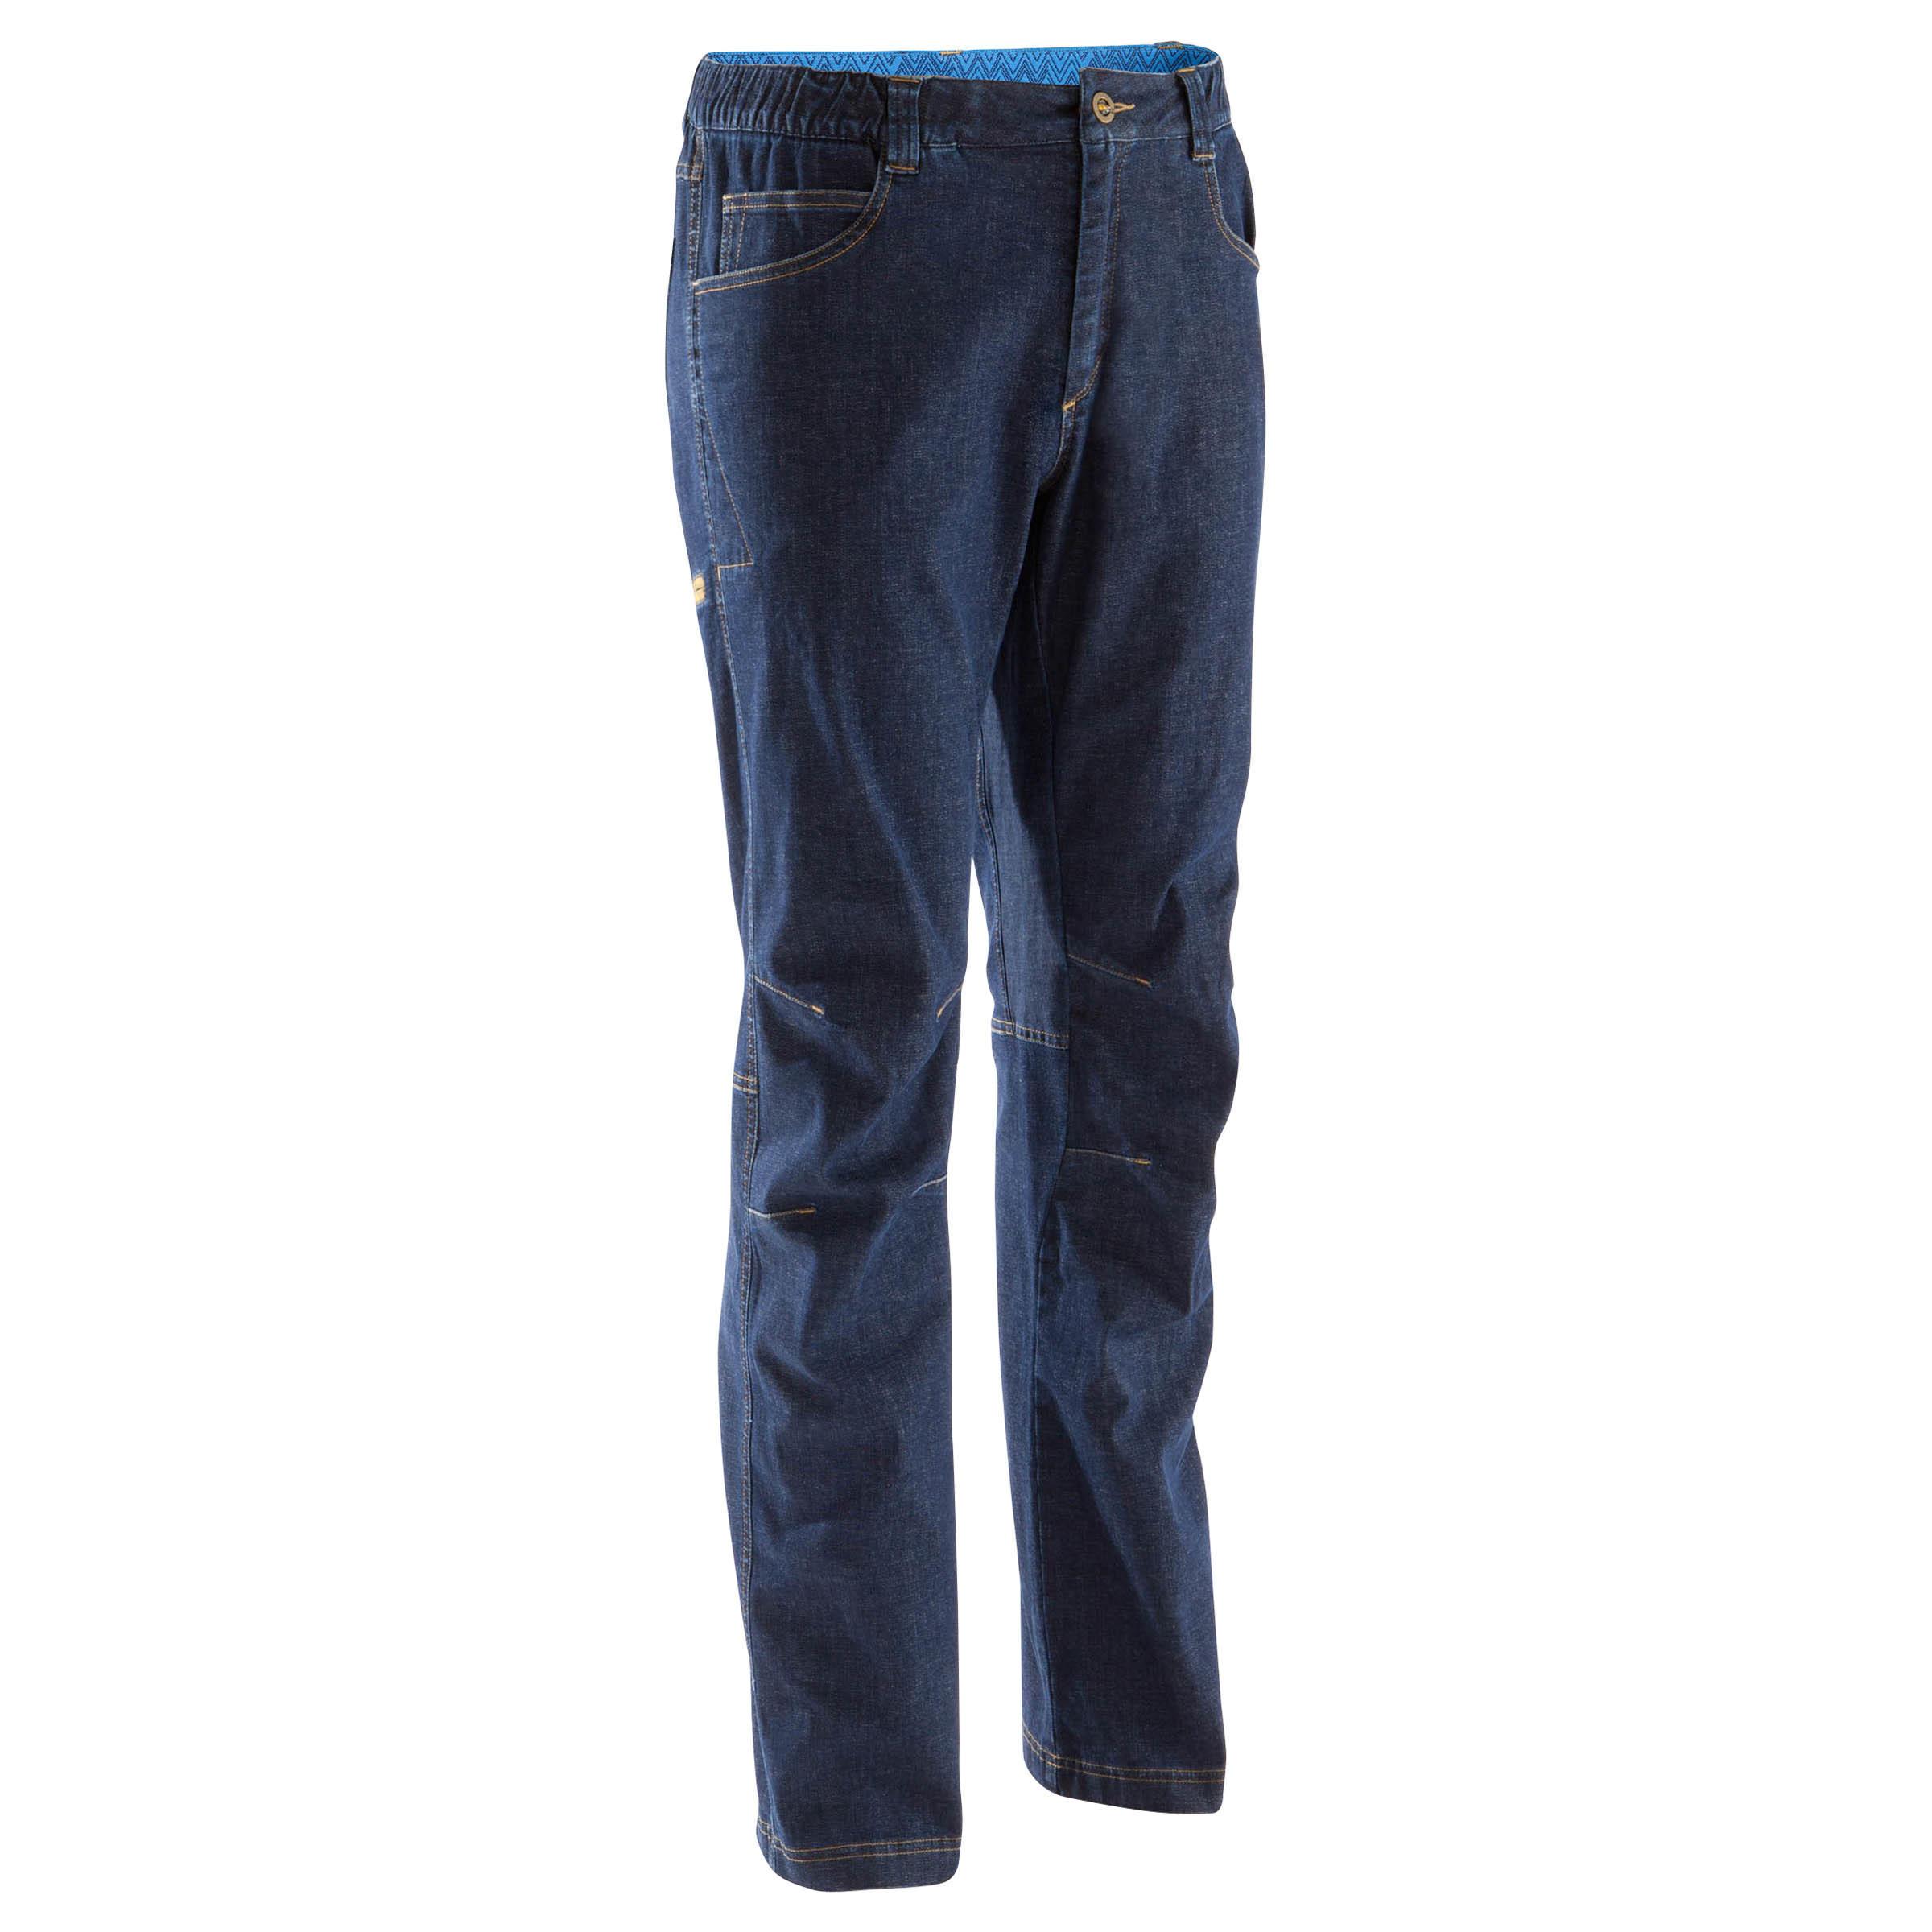 Simond Jeans 2 voor heren blauw